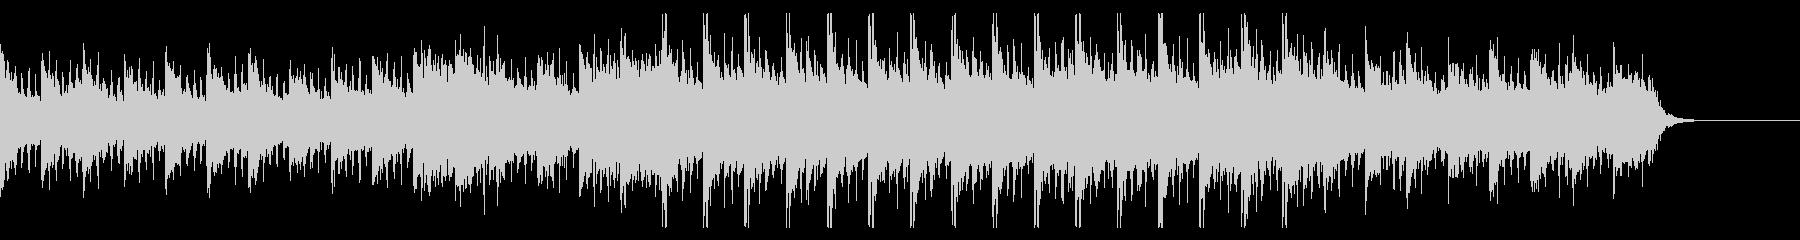 ゲームミュージック/クワイア(合唱)の未再生の波形